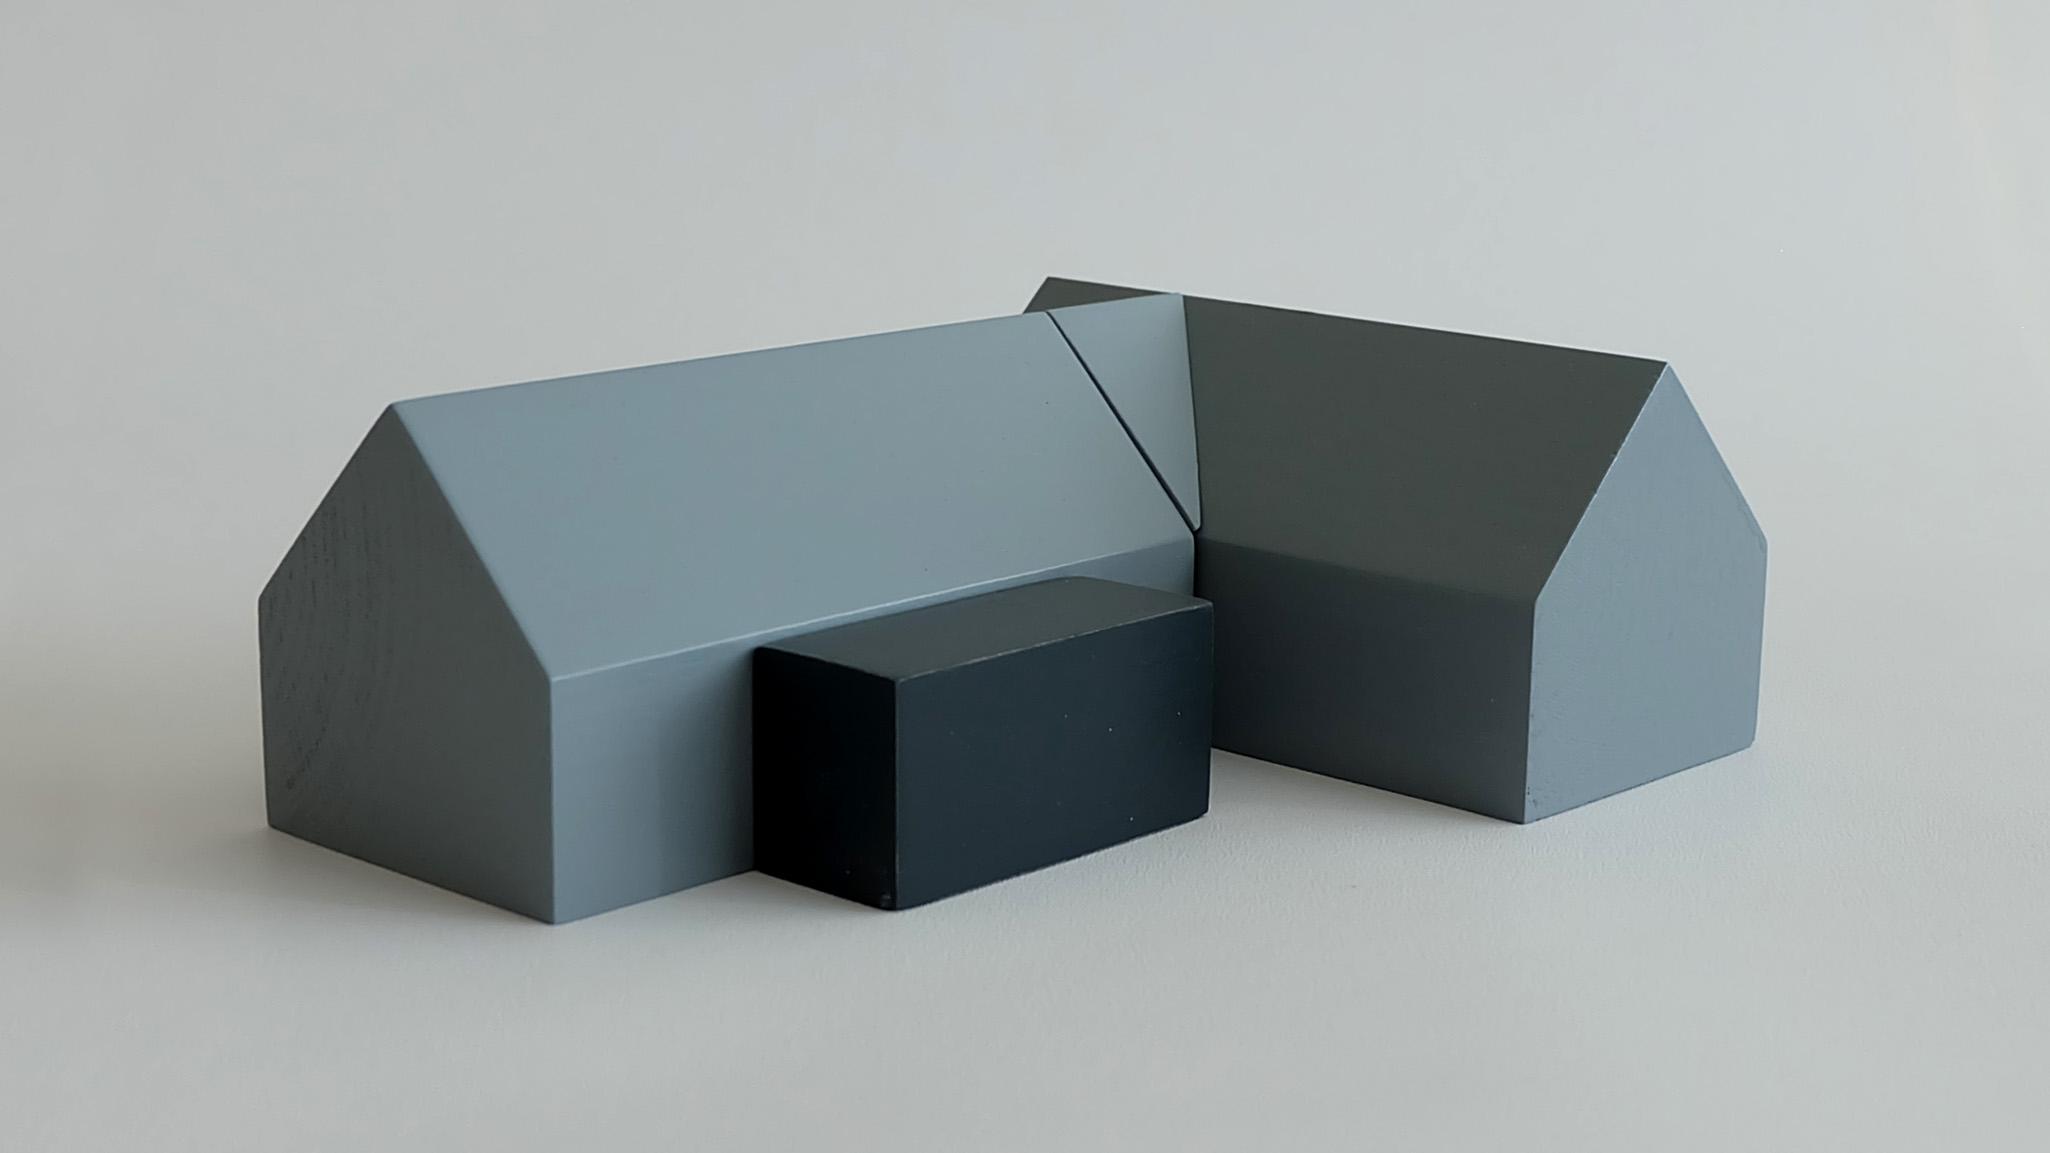 L33:  L32 + flat roof porch